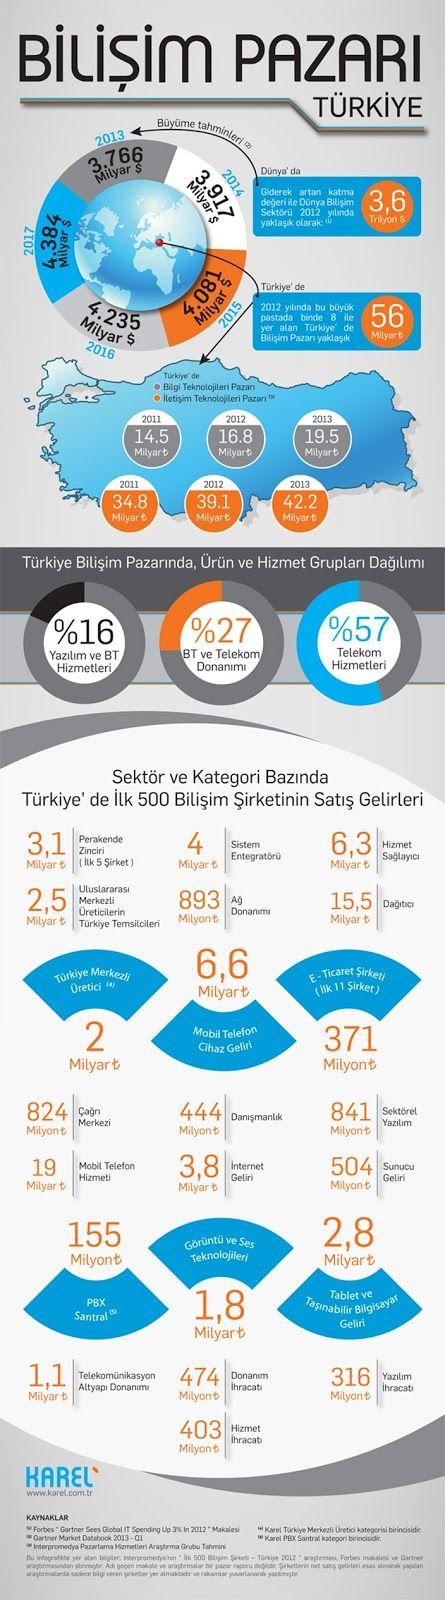 Türkiye'de Bilişim Pazarı